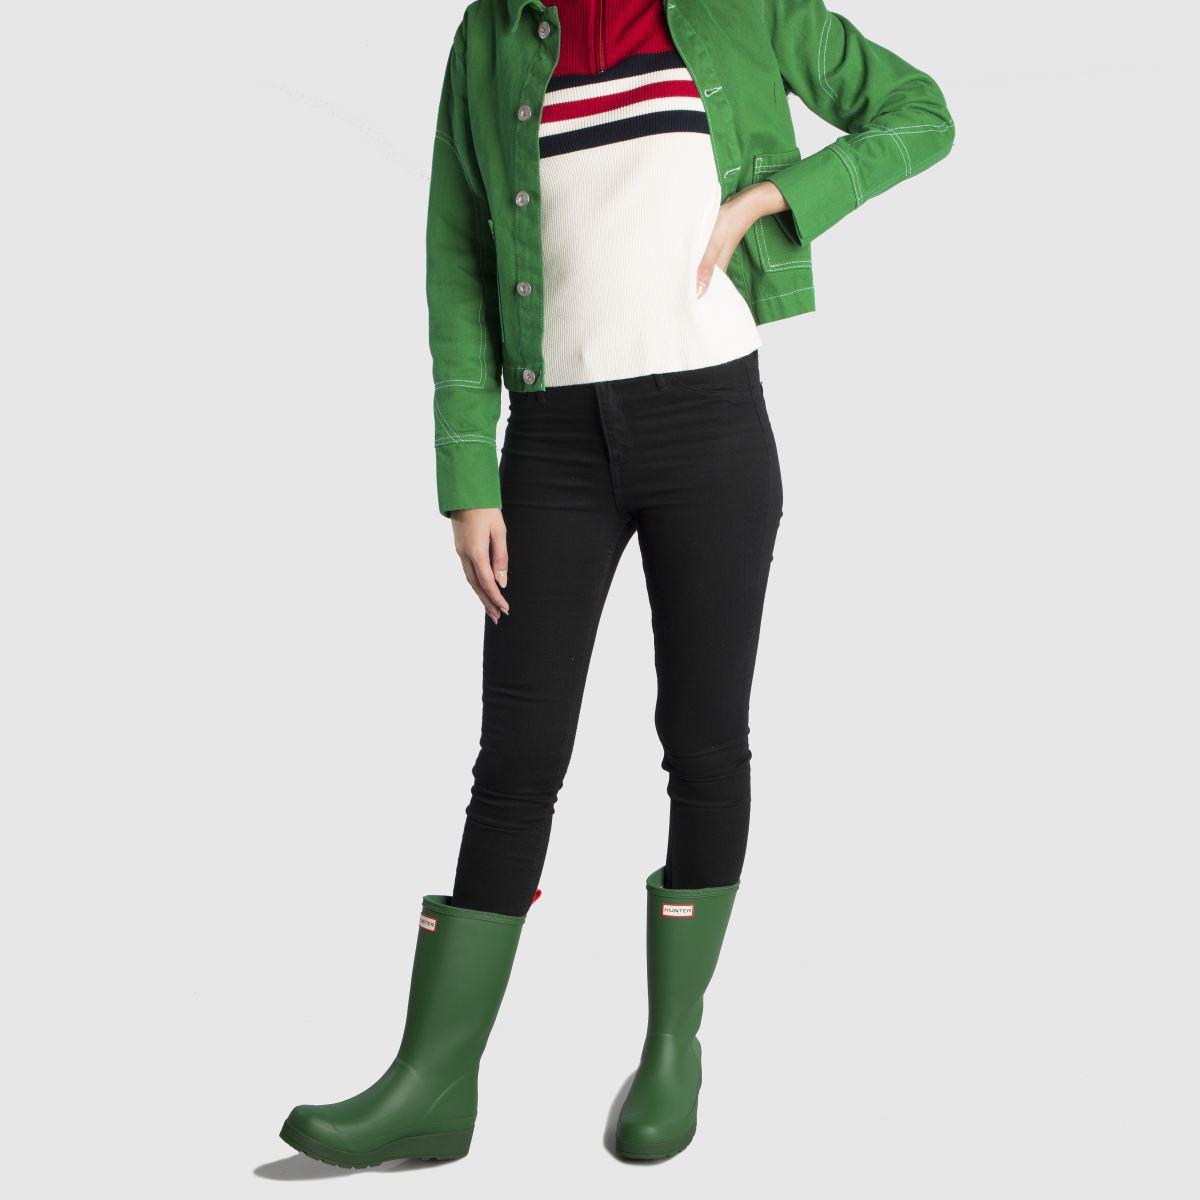 Damen Grün hunter Original Play Tall Boot Boots | schuh Gute Qualität beliebte Schuhe